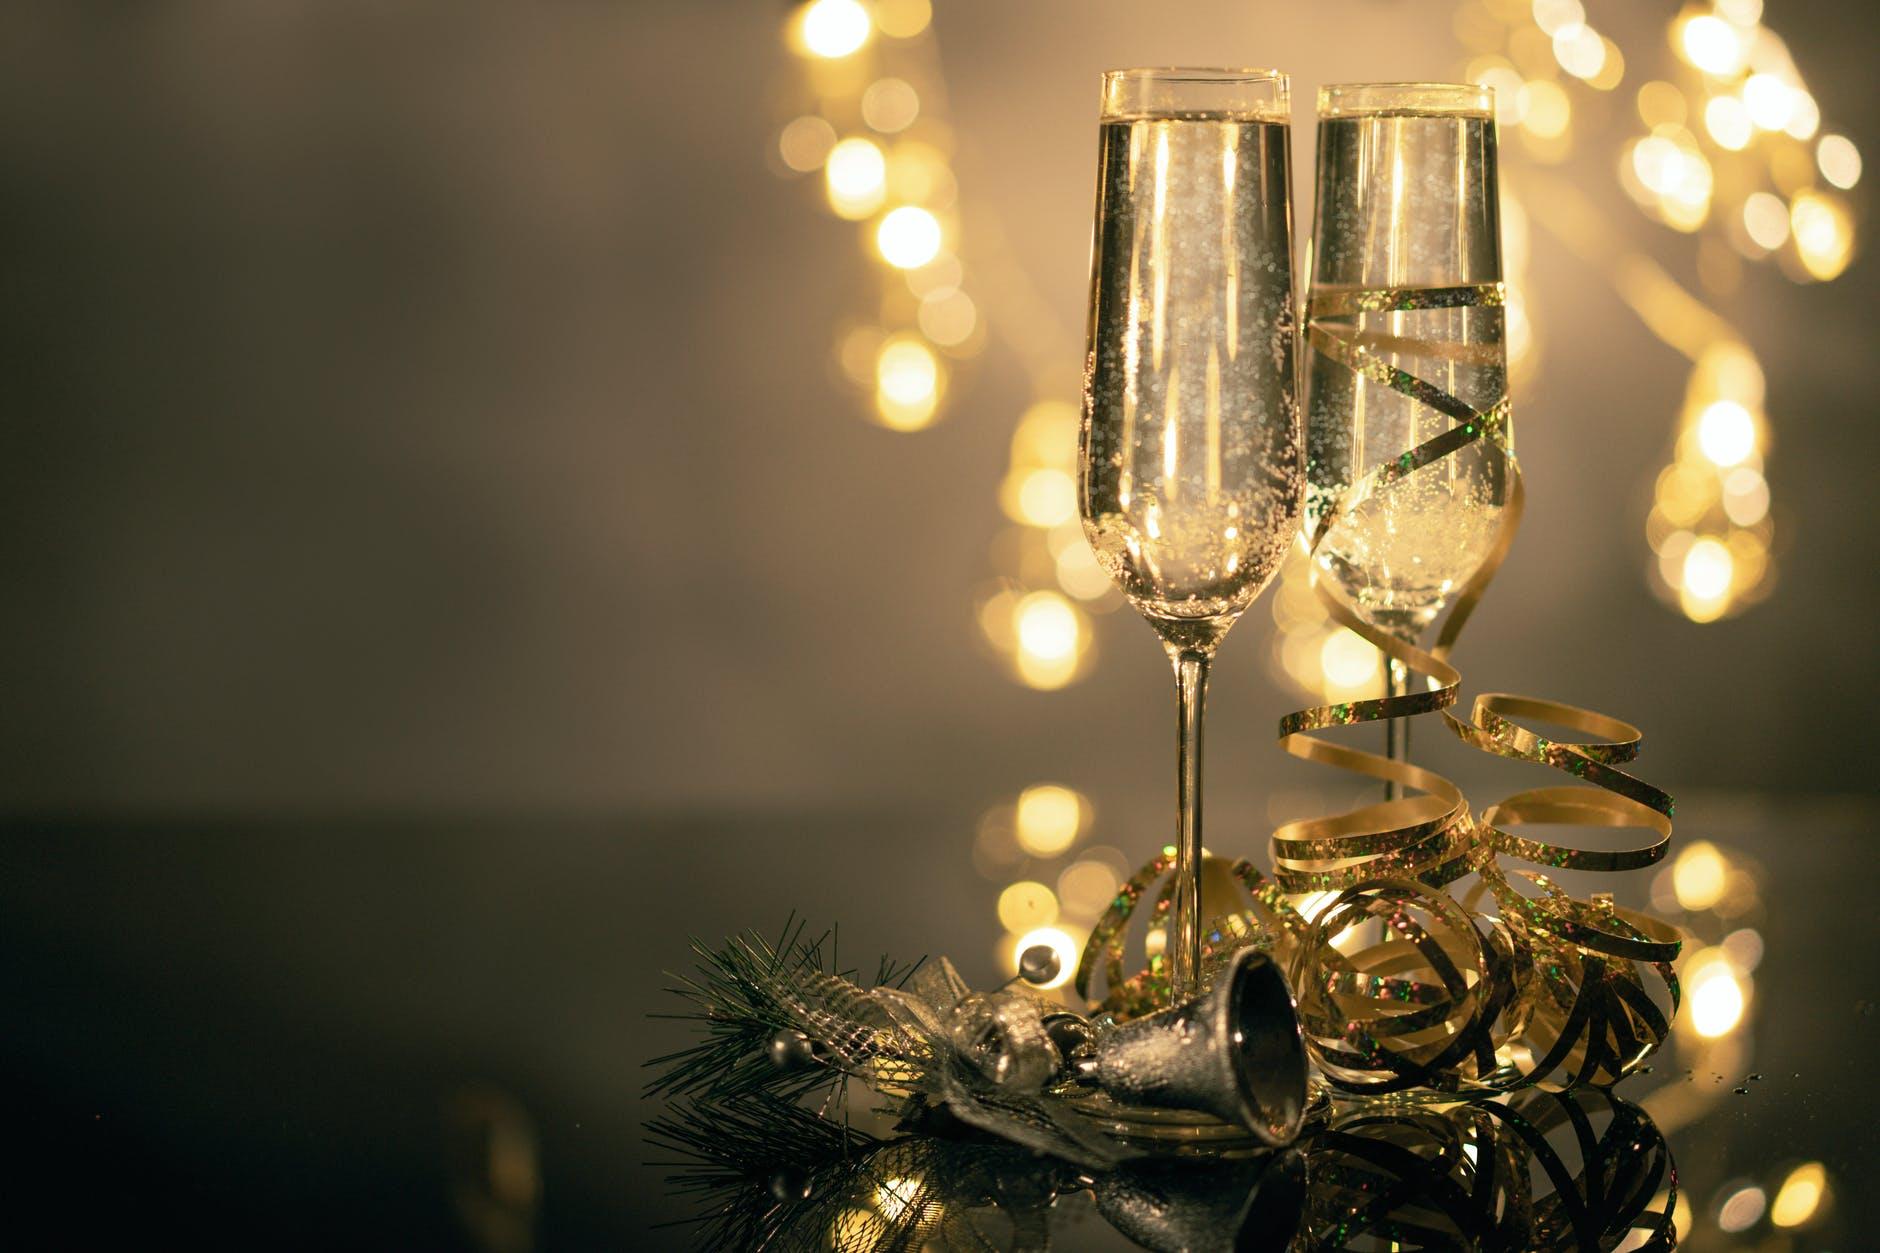 Database Updated – Happy Holidays